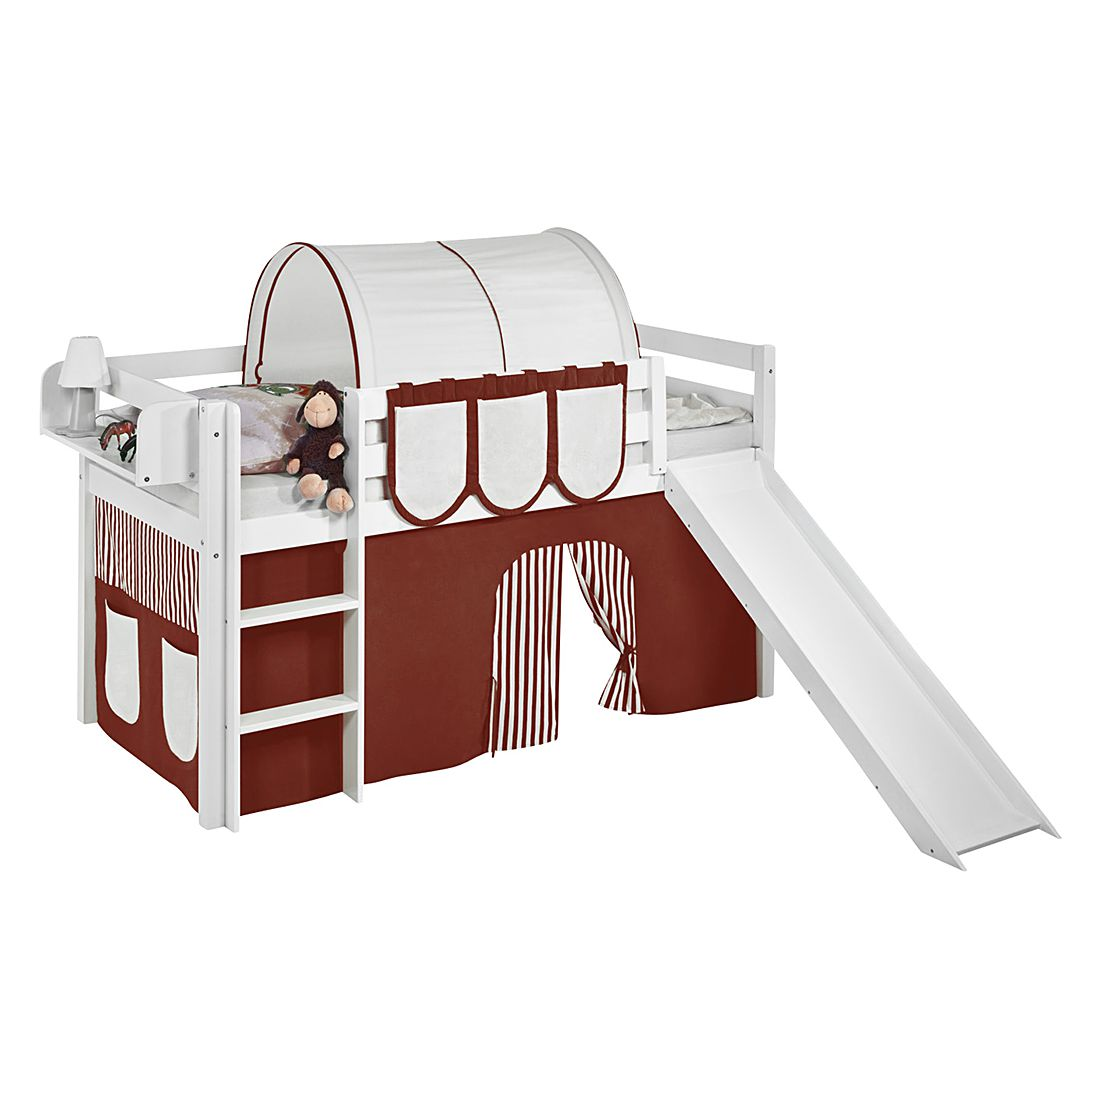 hochbett mit rutsche preisvergleich die besten angebote online kaufen. Black Bedroom Furniture Sets. Home Design Ideas